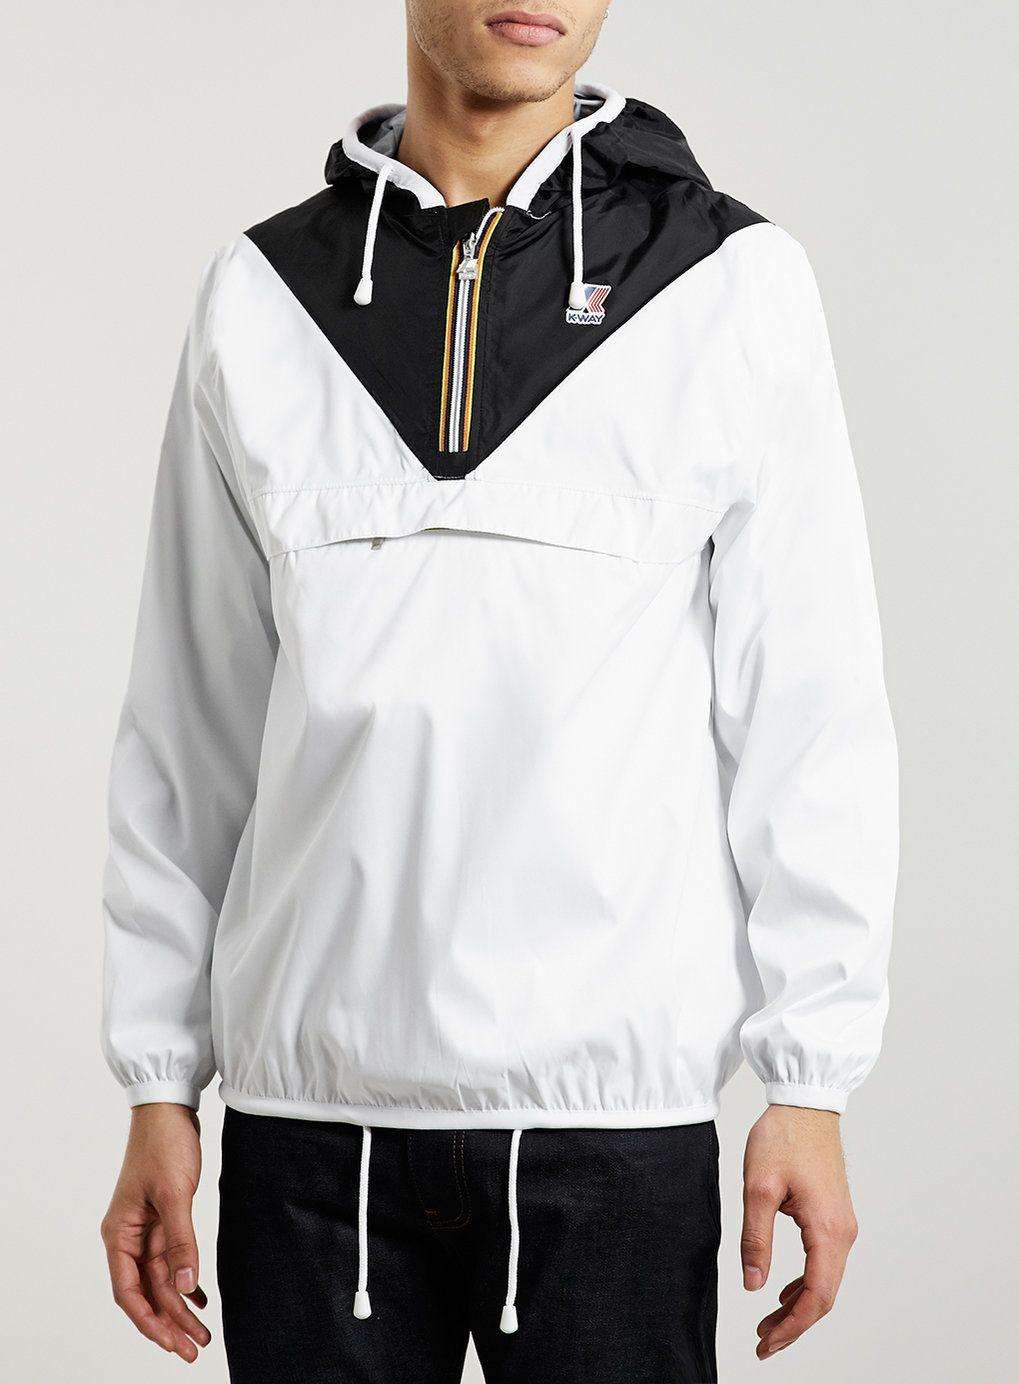 K Way White Overhead Jacket Topman 130 Zips Into Fanny Pack